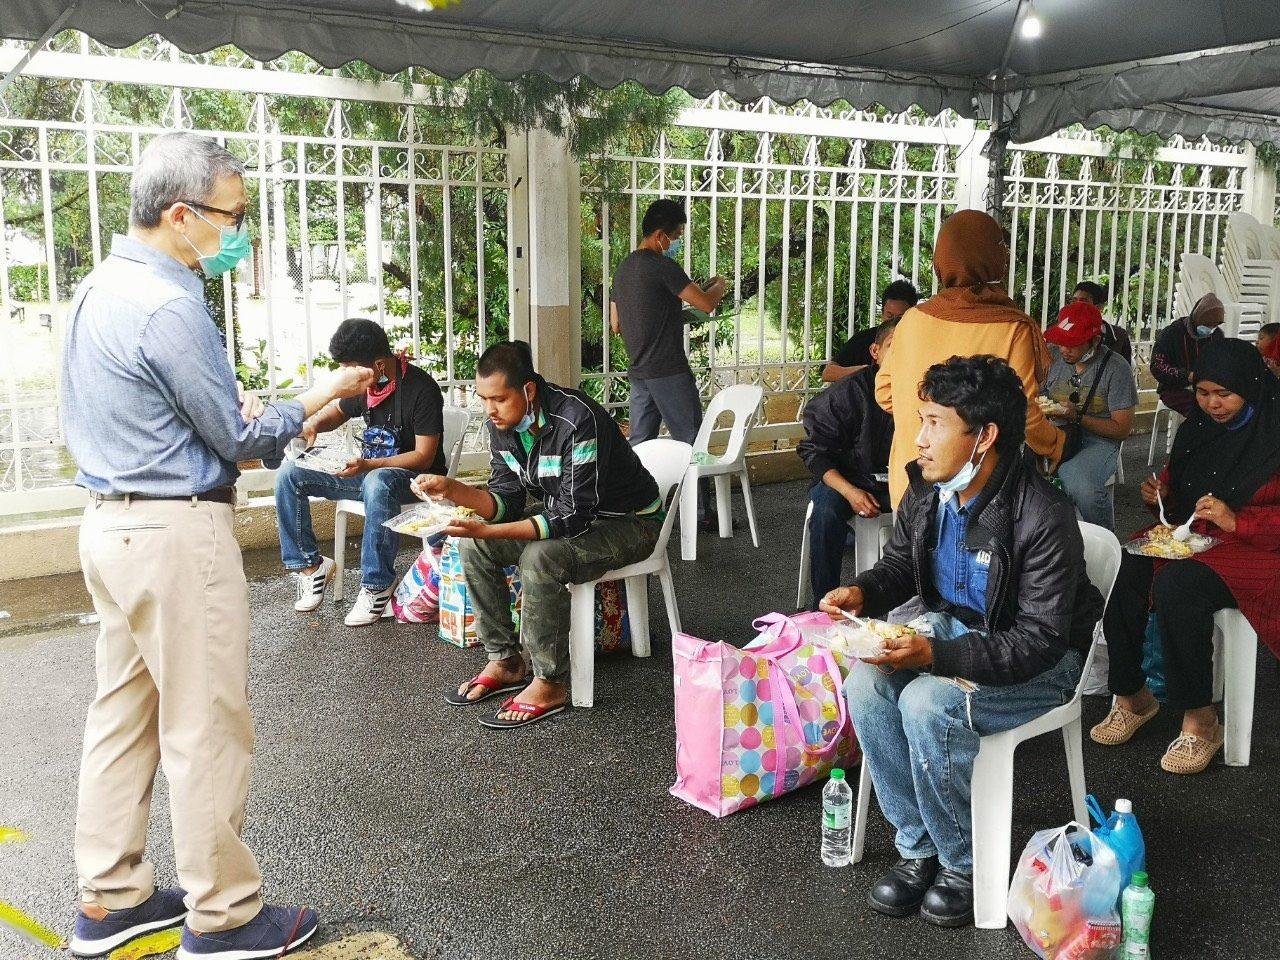 สอท.เร่งช่วยคนไทยในมาเลย์ที่ได้รับผลกระทบจากมาตรการคุมโควิด